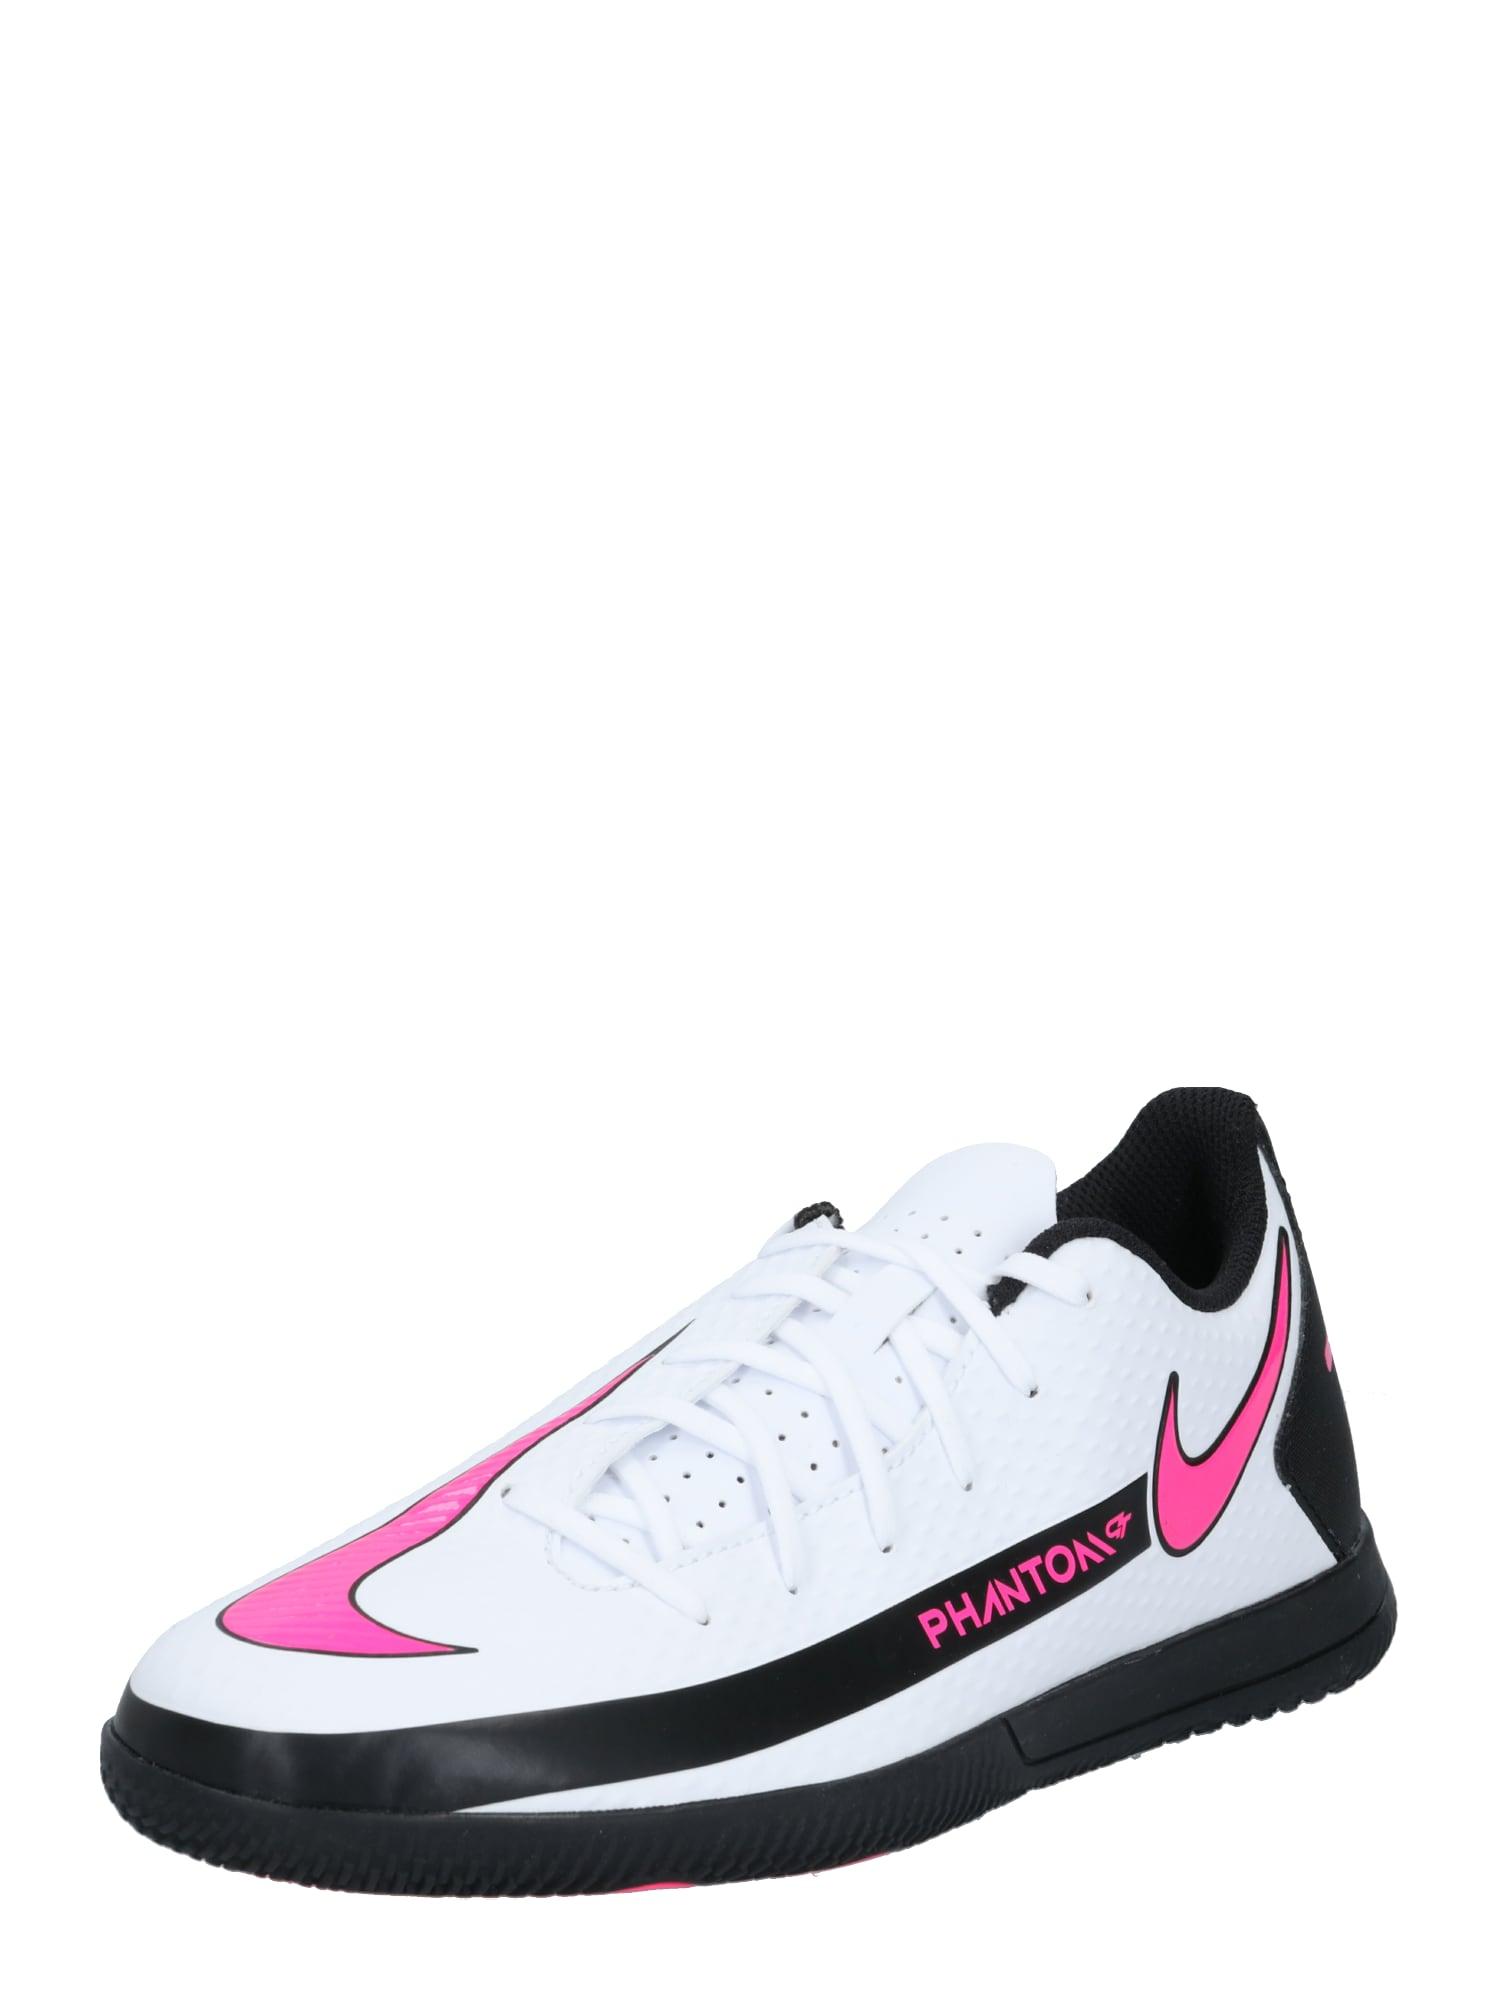 NIKE Sportovní boty 'Phantom'  černá / bílá / pink